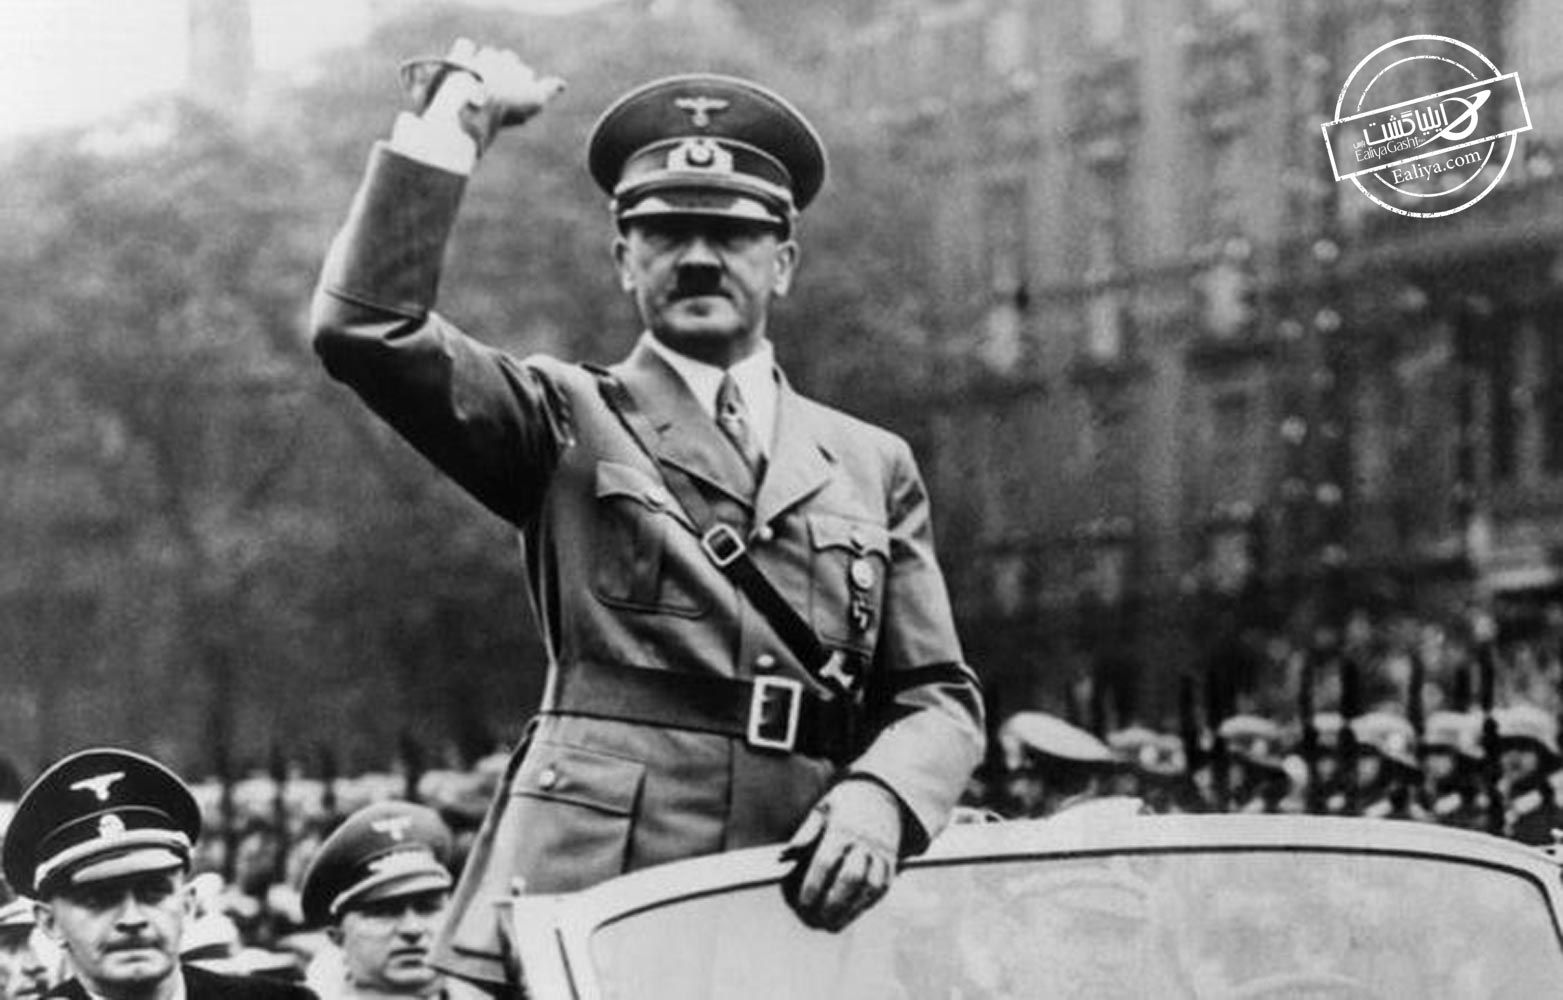 جنگ جهانی دوم در یک نگاه کوتاه